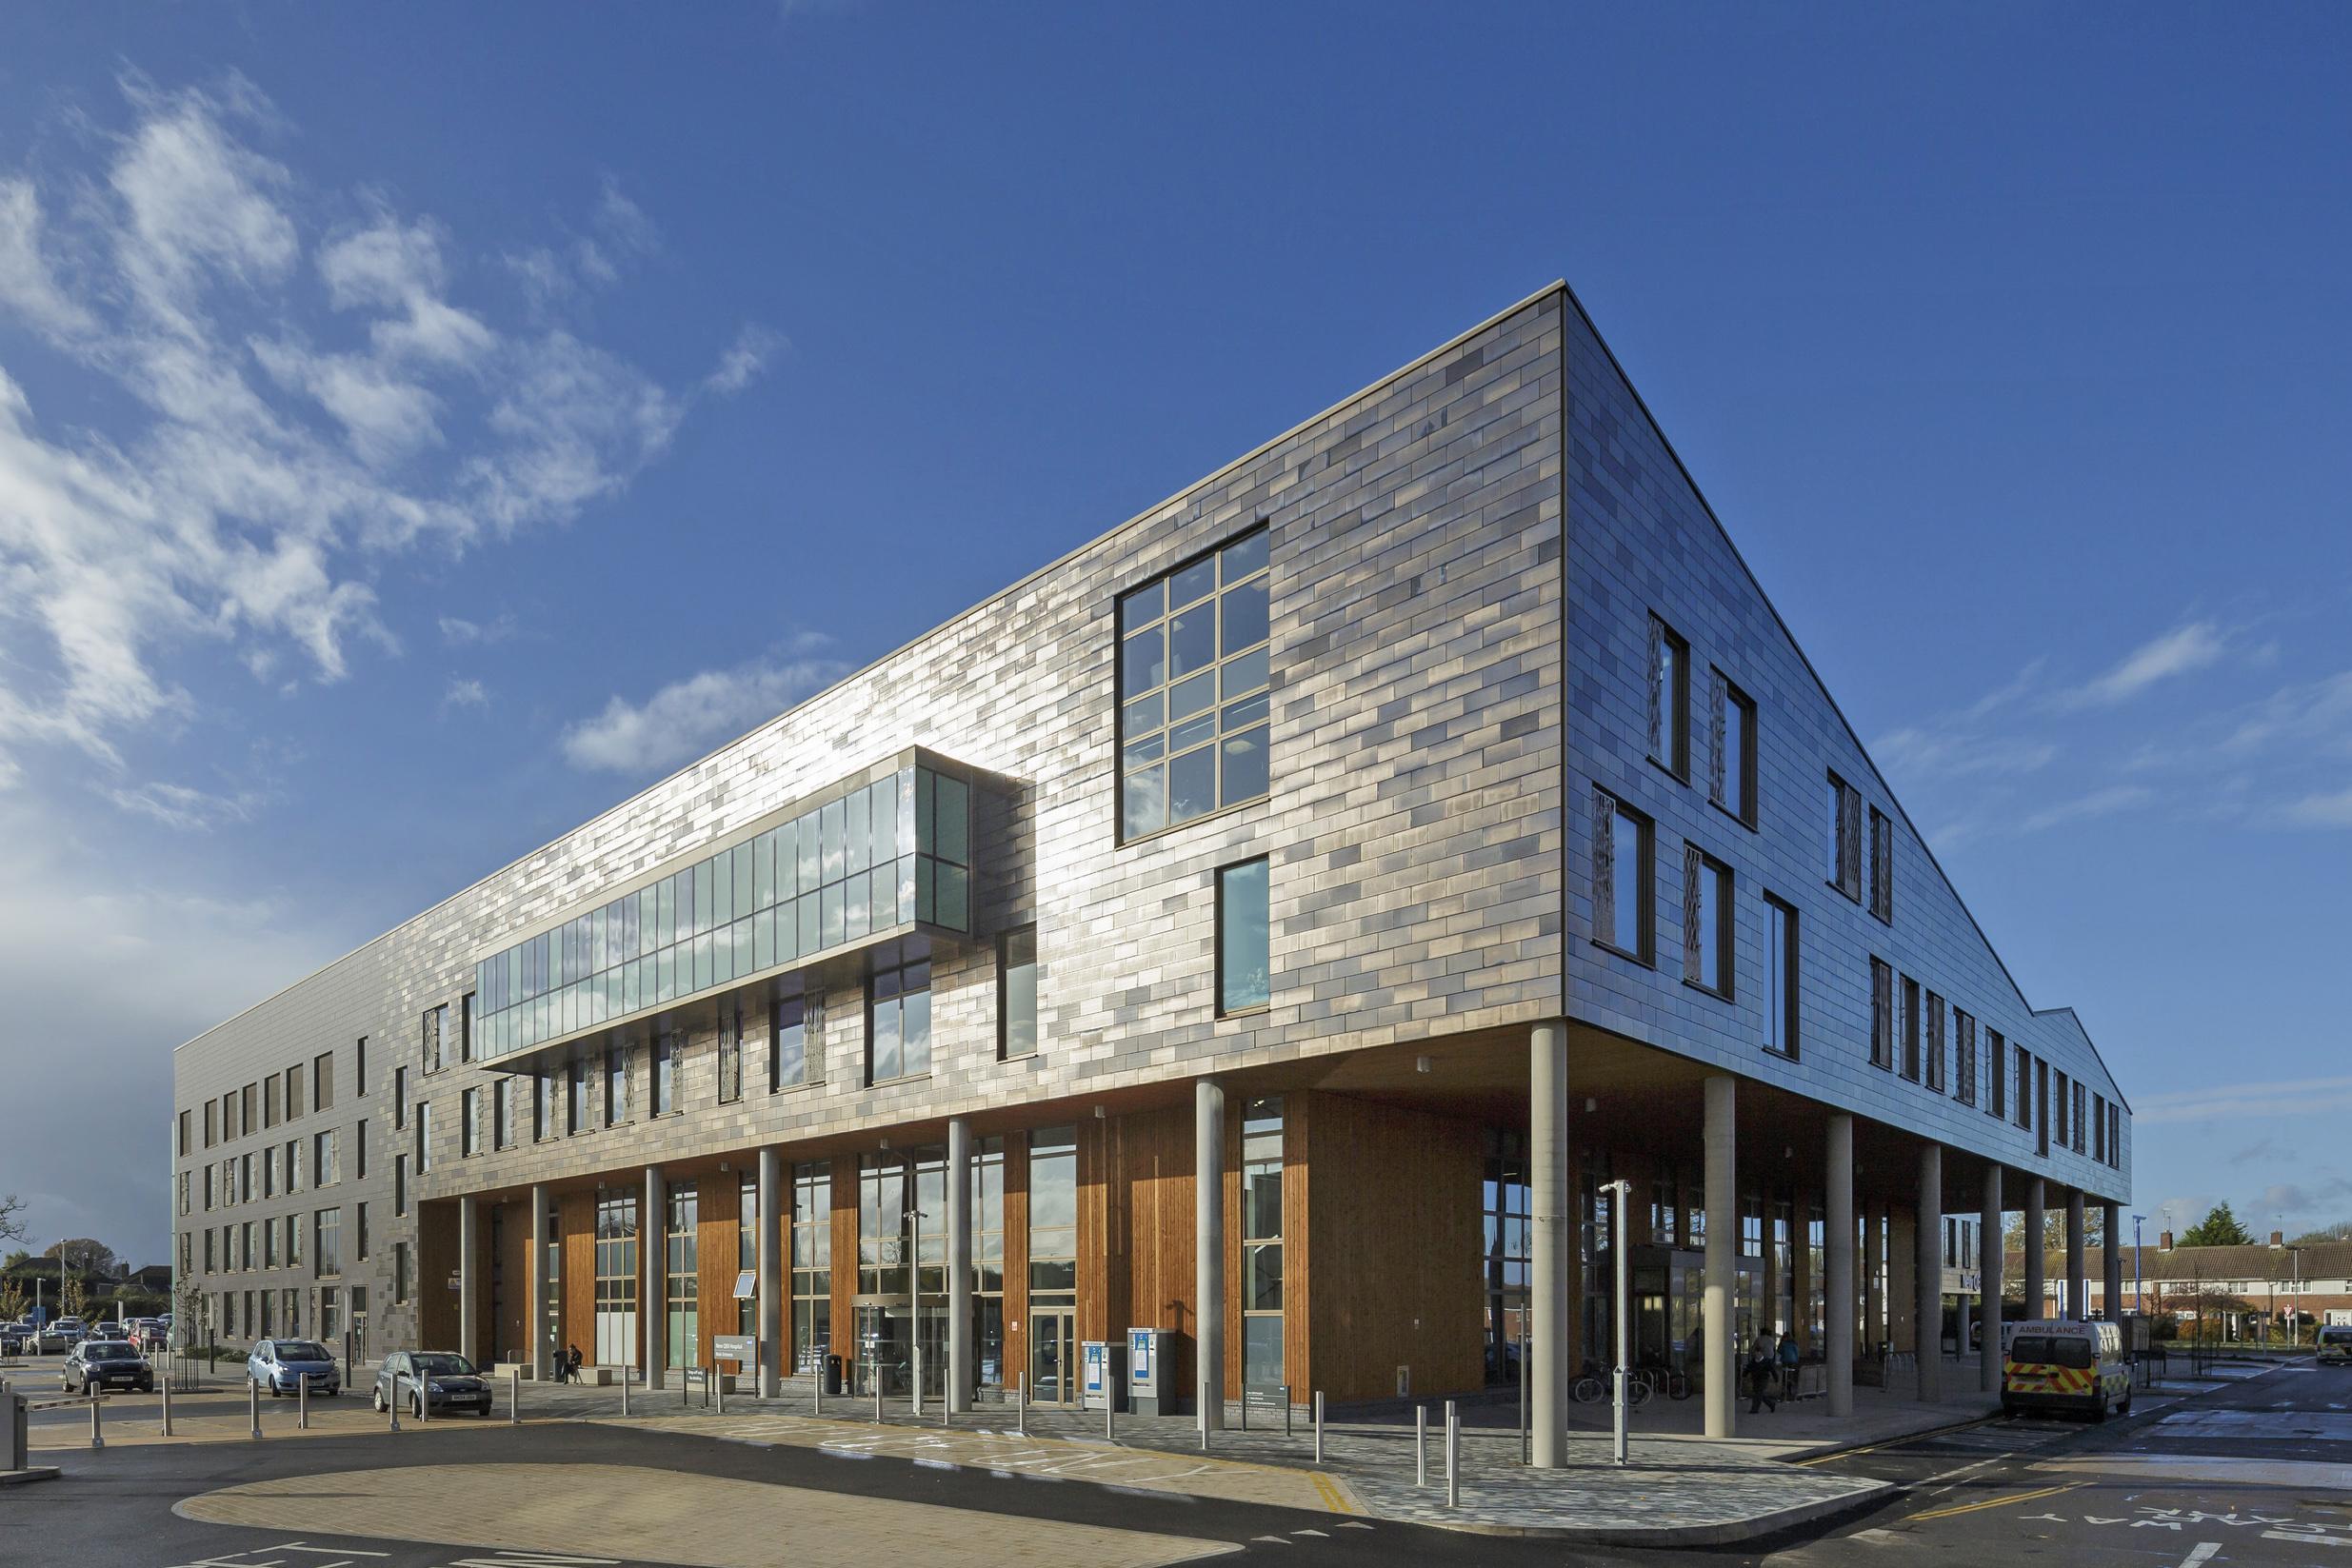 New Qeii Hospital